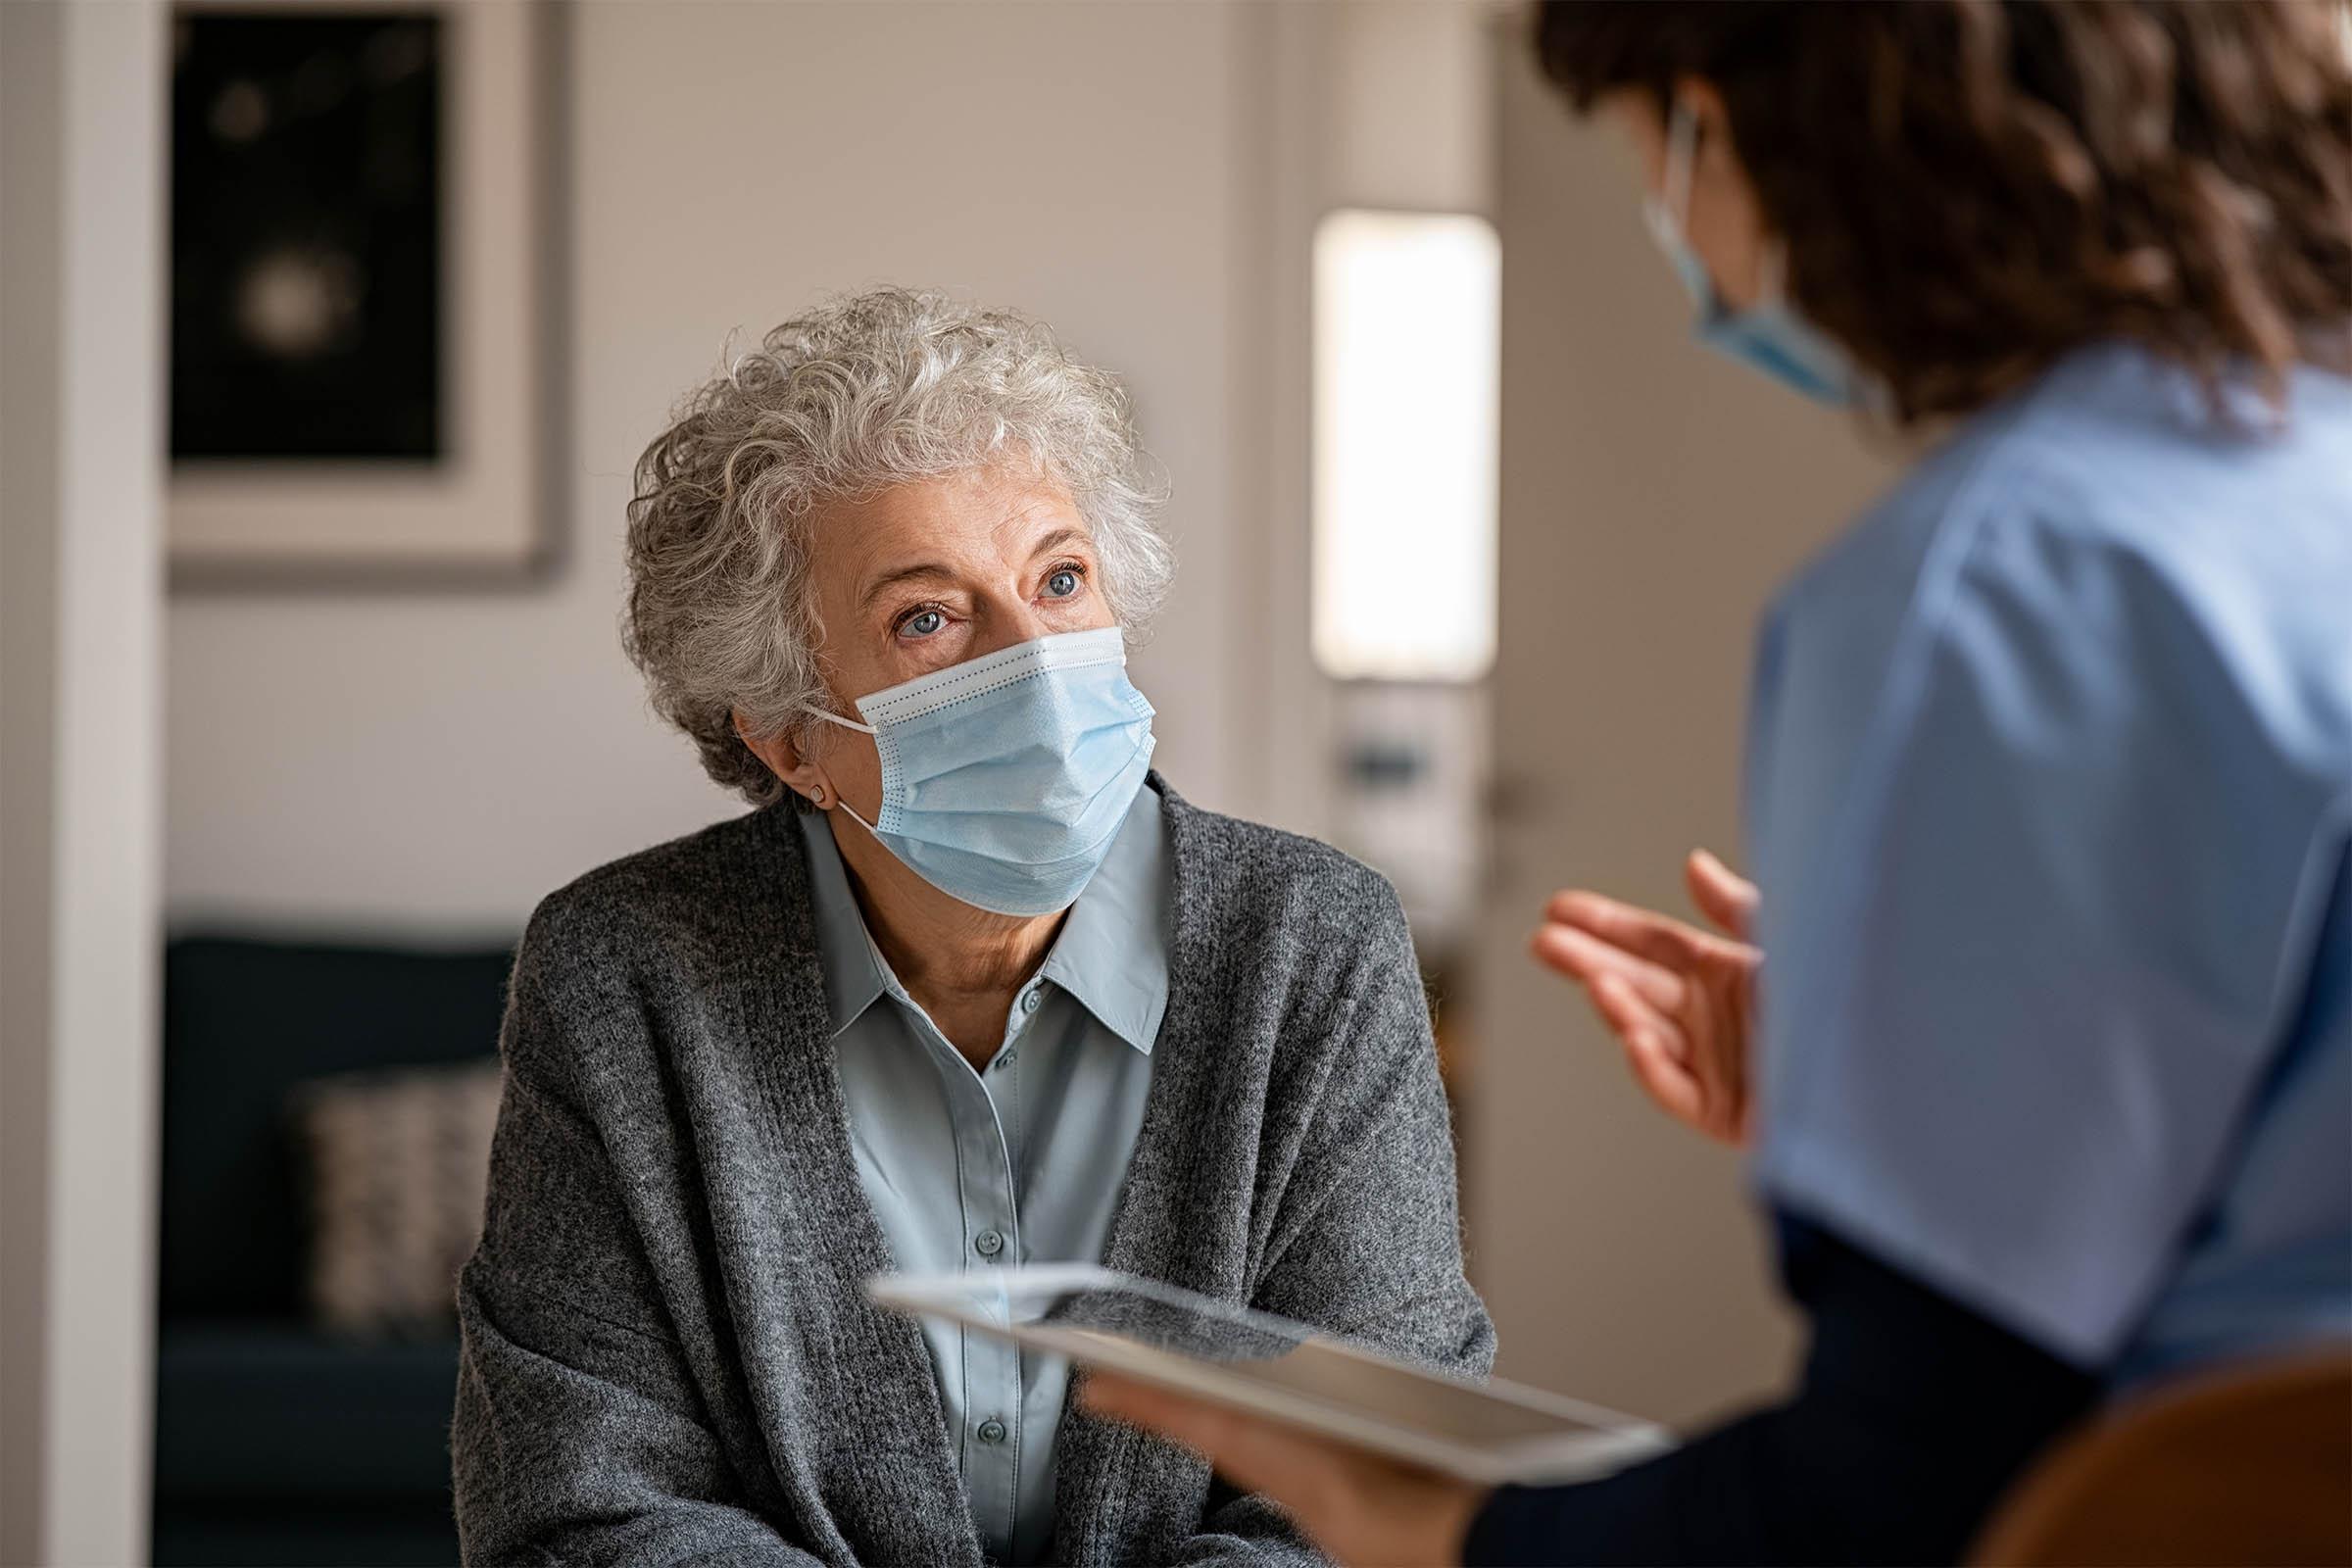 home care covid-19 precautions